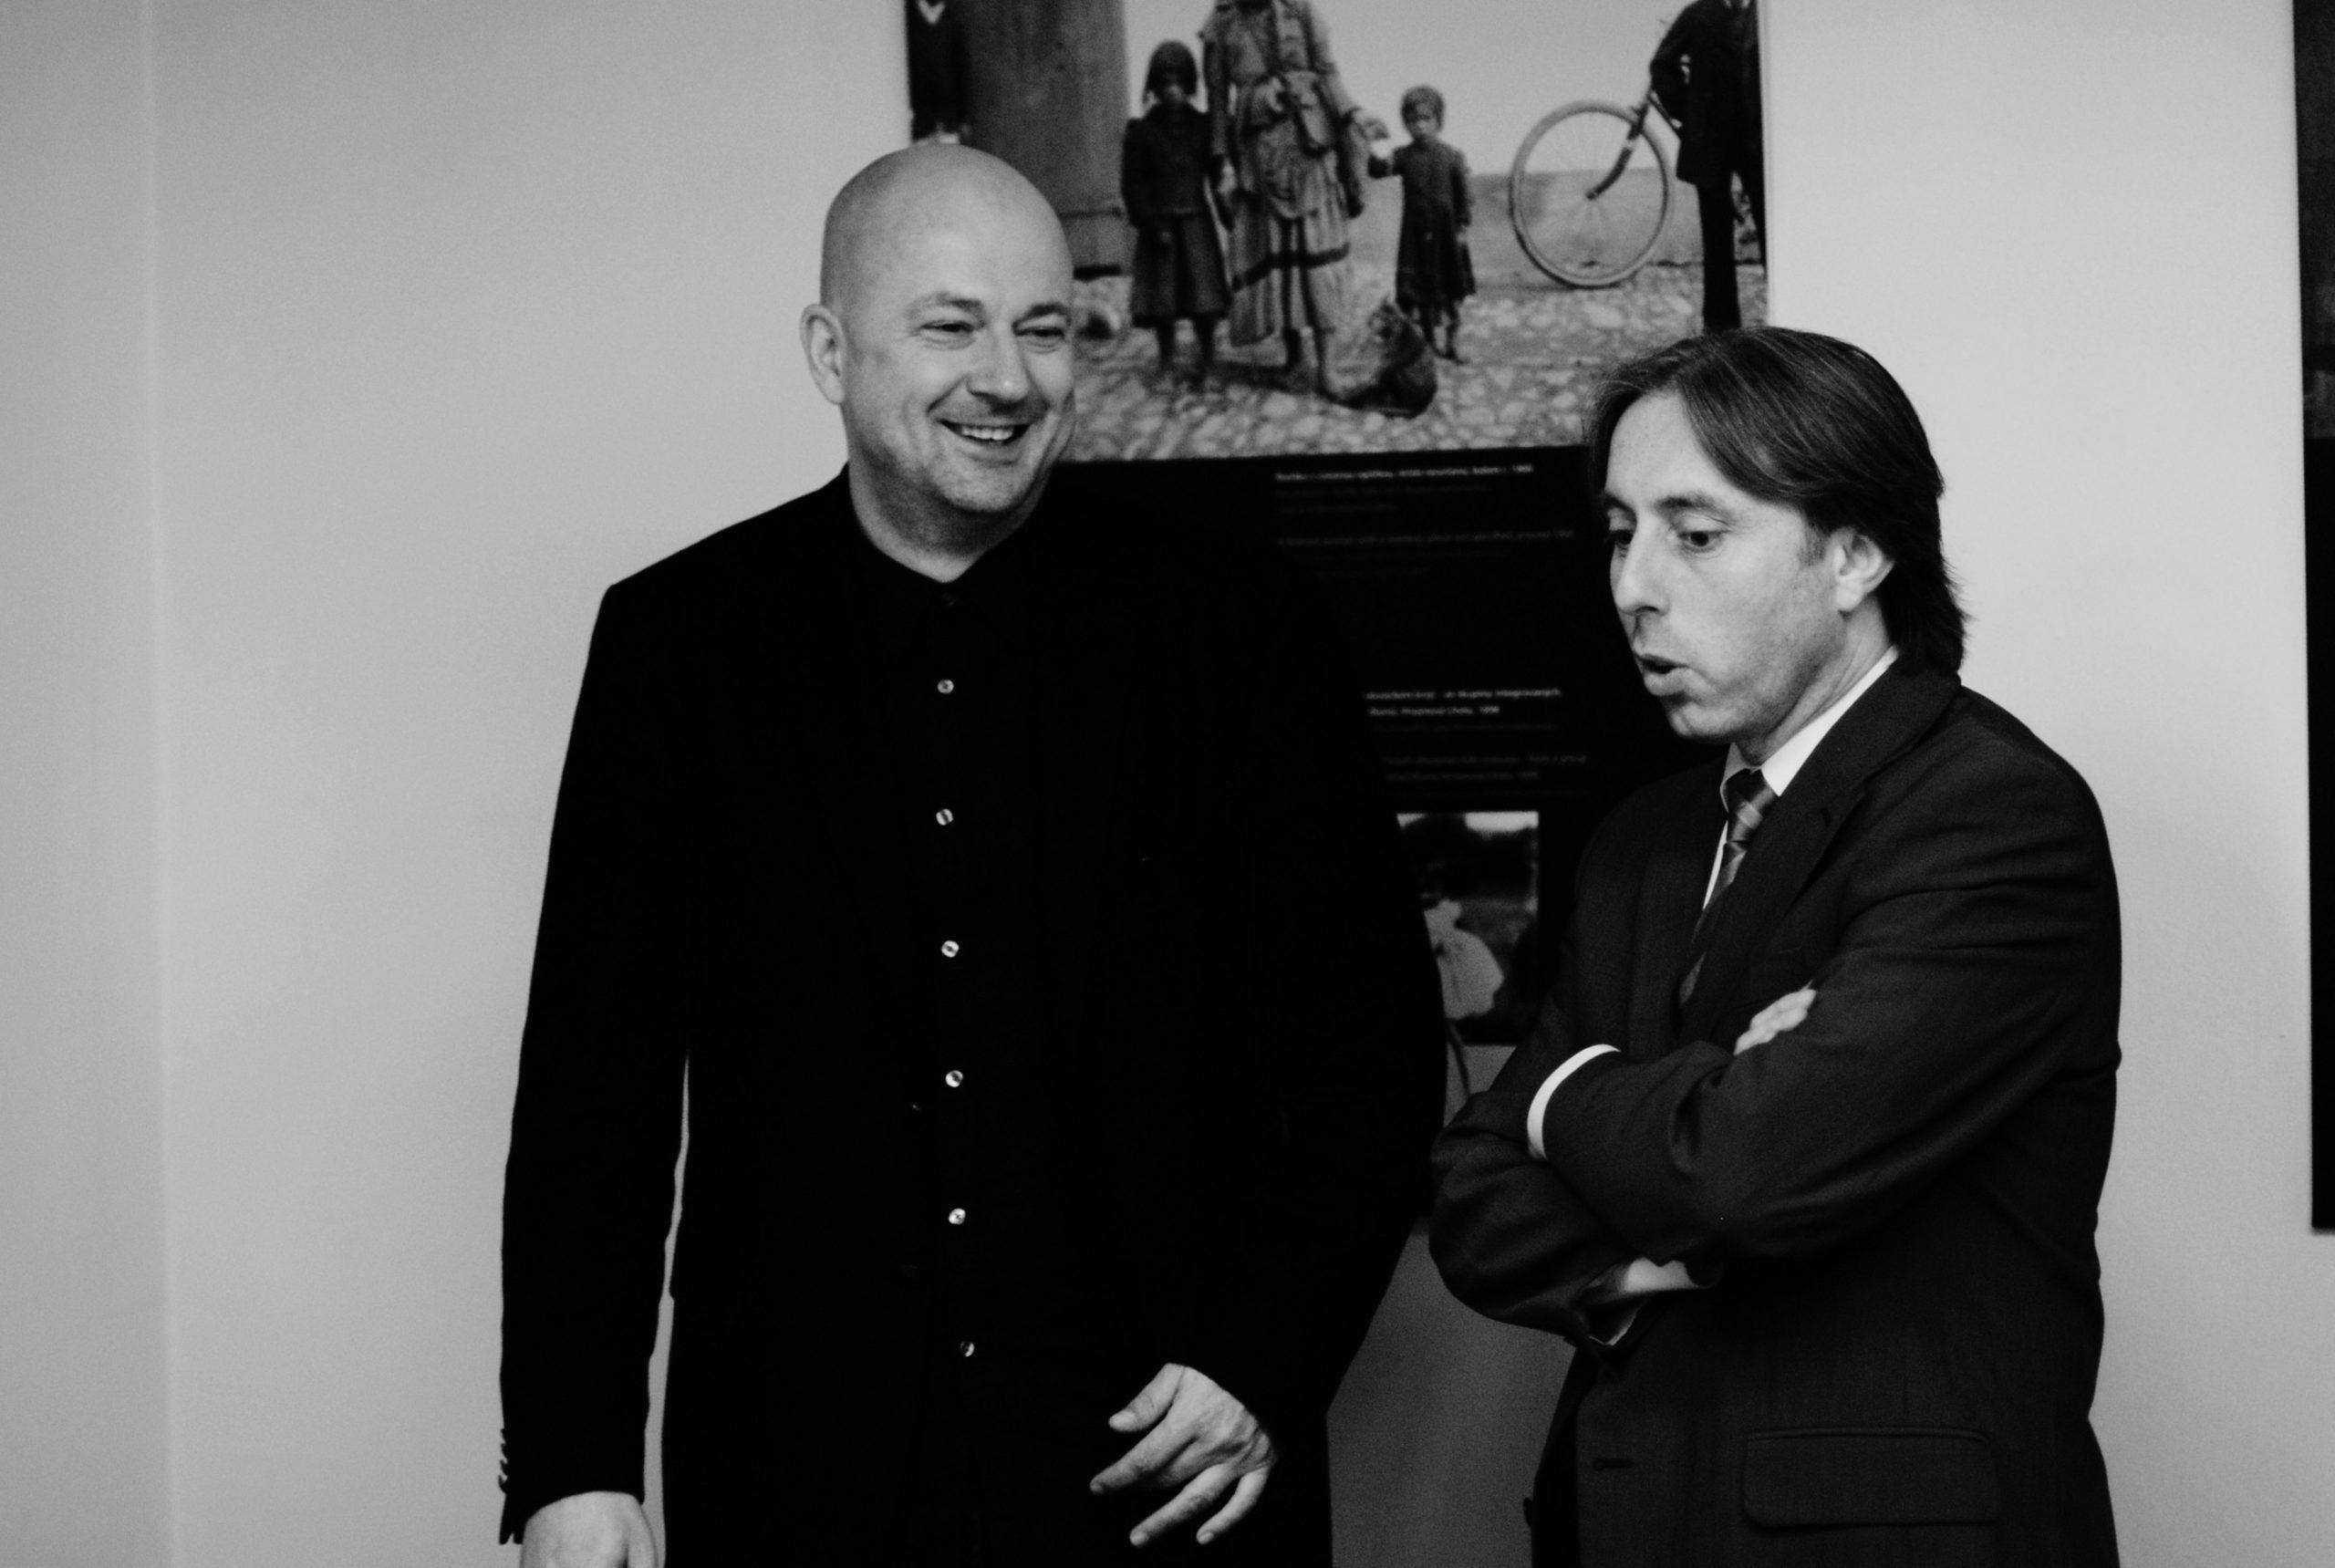 S bývalým národním protidrogovým koordinátorem Jindřichem Vobořilem. Foto: Tereza Jirásková